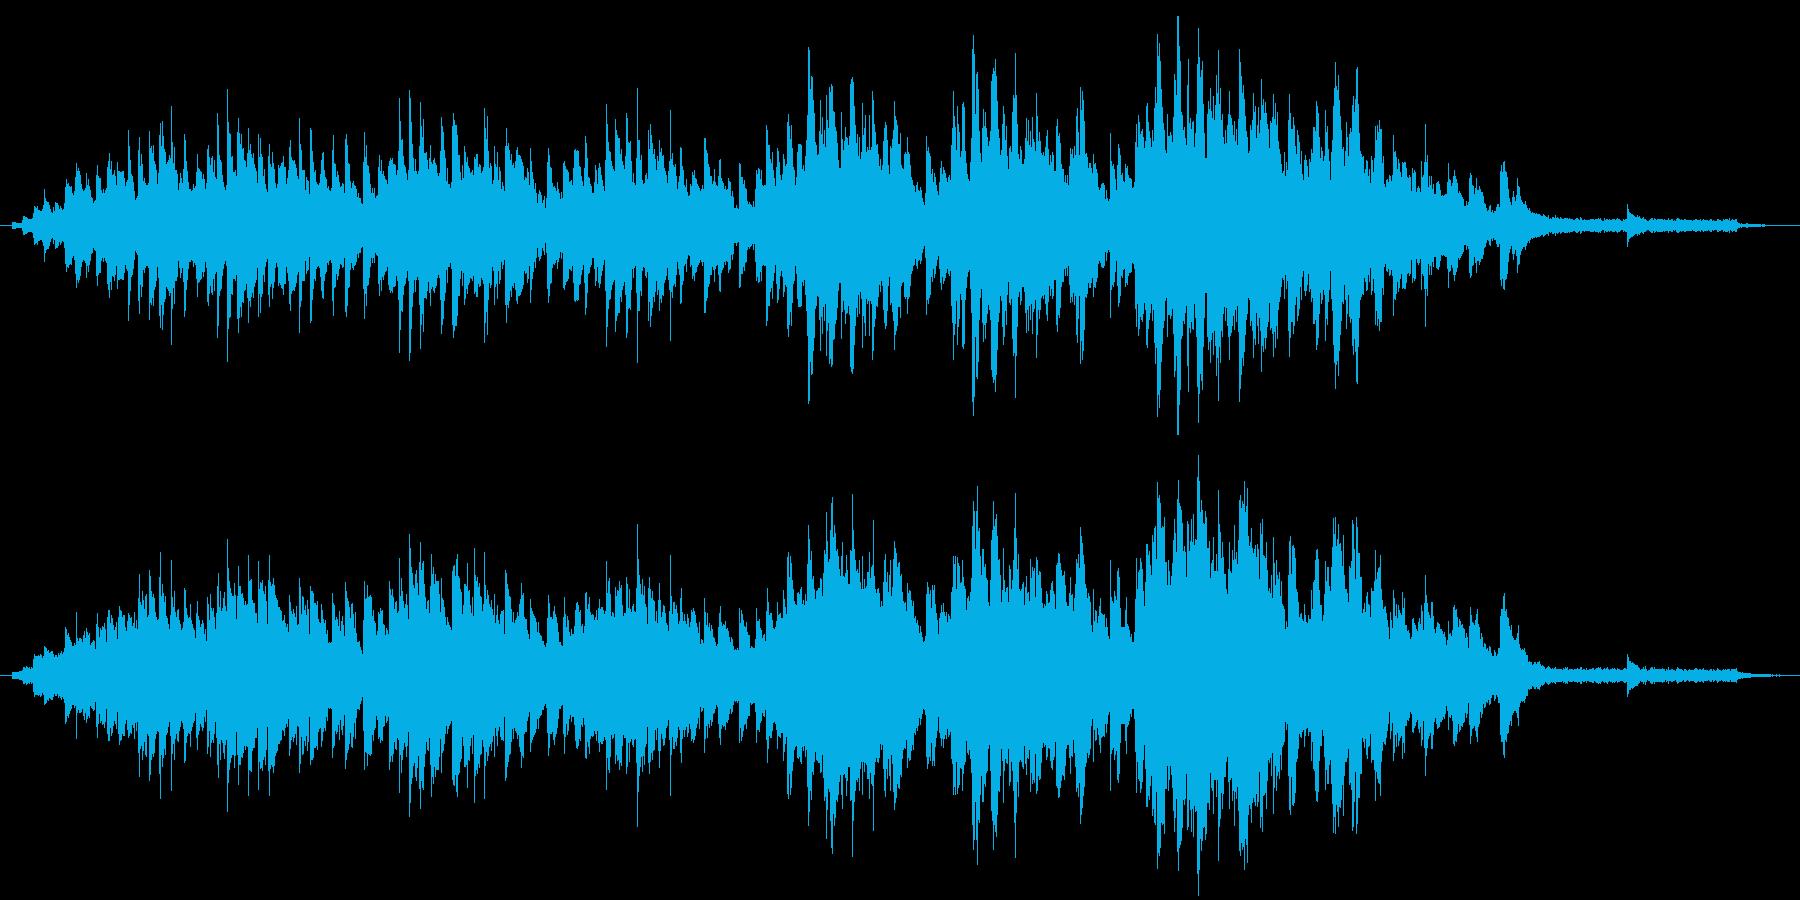 木枯らし吹く秋の風景のピアノソロの再生済みの波形